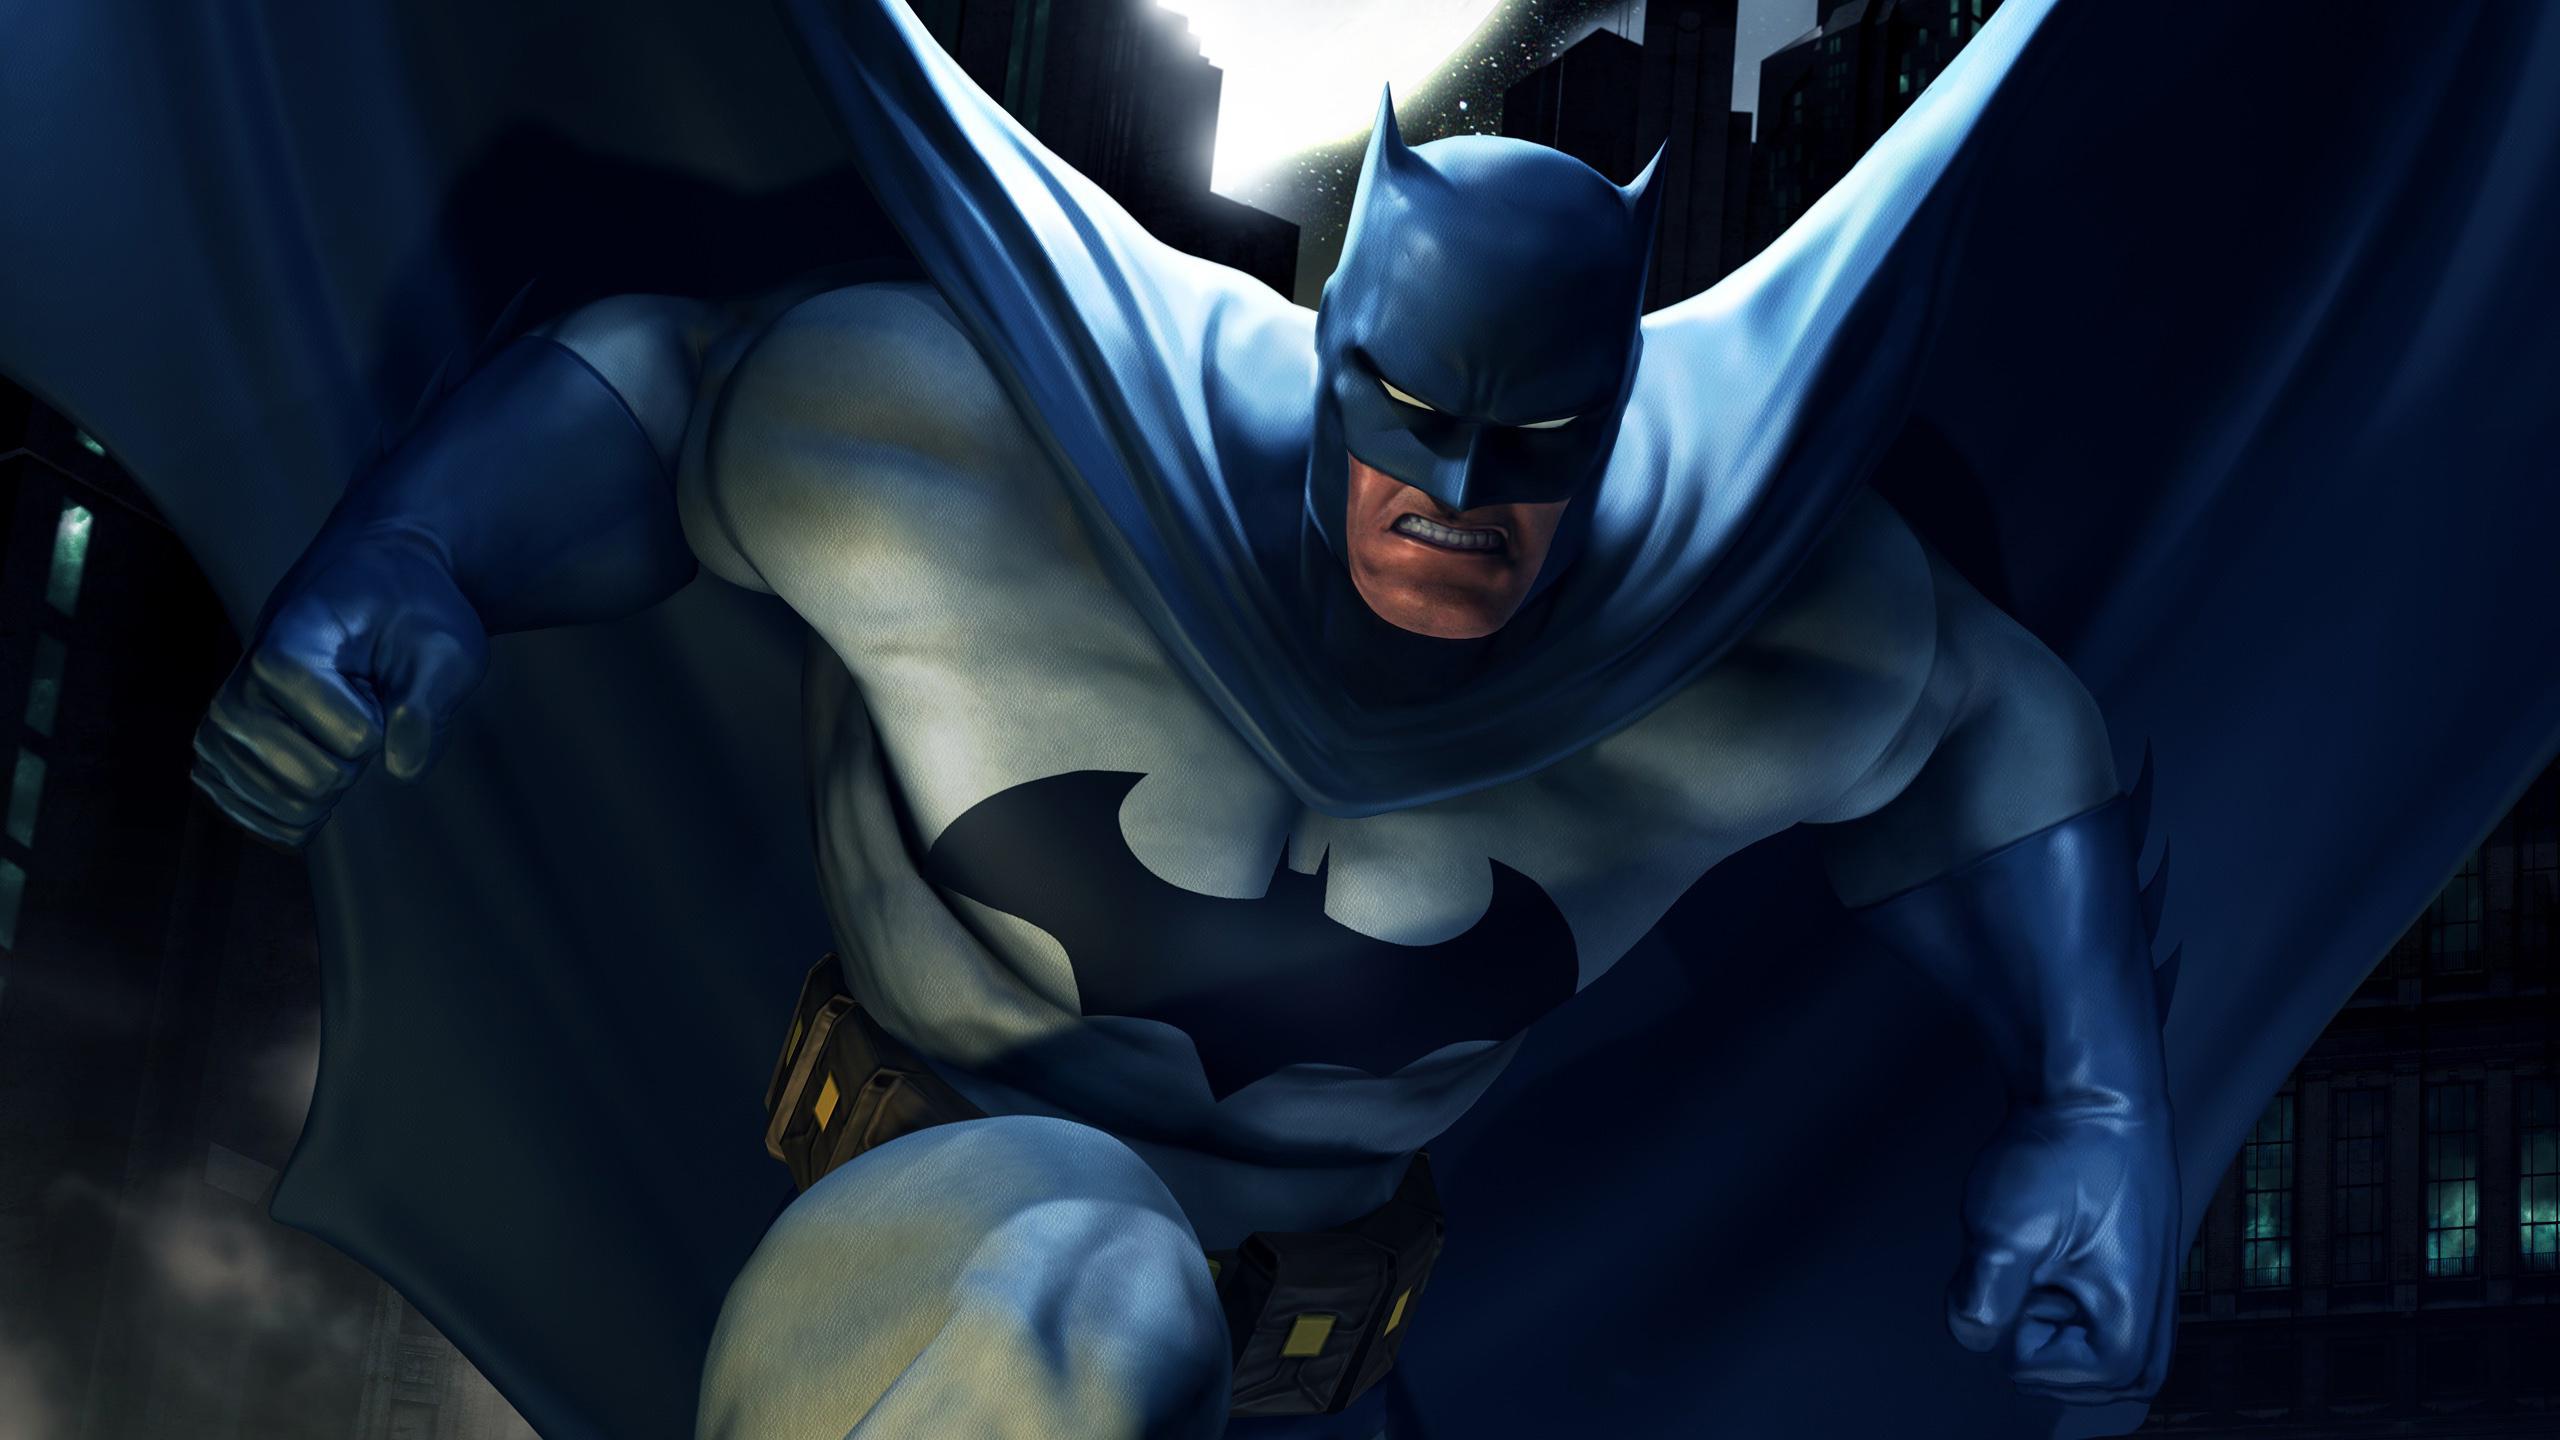 Бэтмен арт обои, кино заставки, мульфильм, Batman, dc universe, 2560 на 1440 пикселей